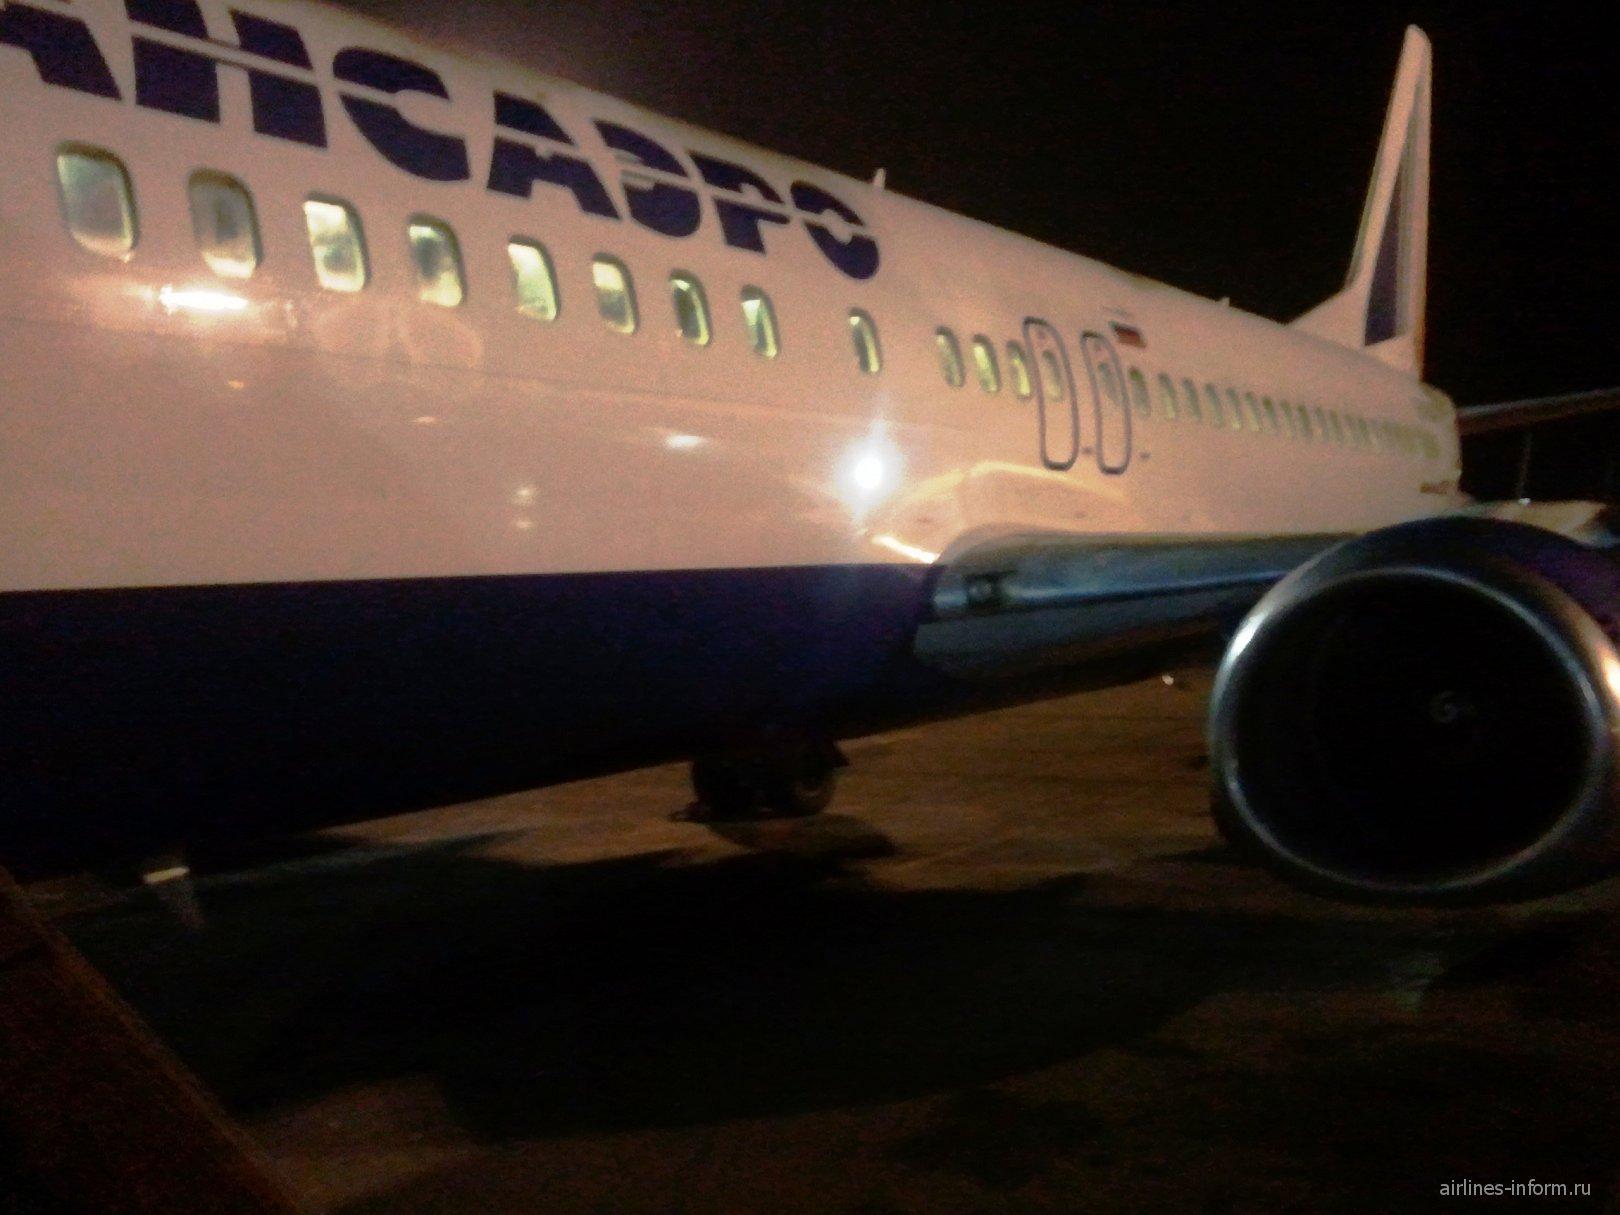 Москва - Екатеринбург на Б-737-400 Трансаэро: прерванный полёт.